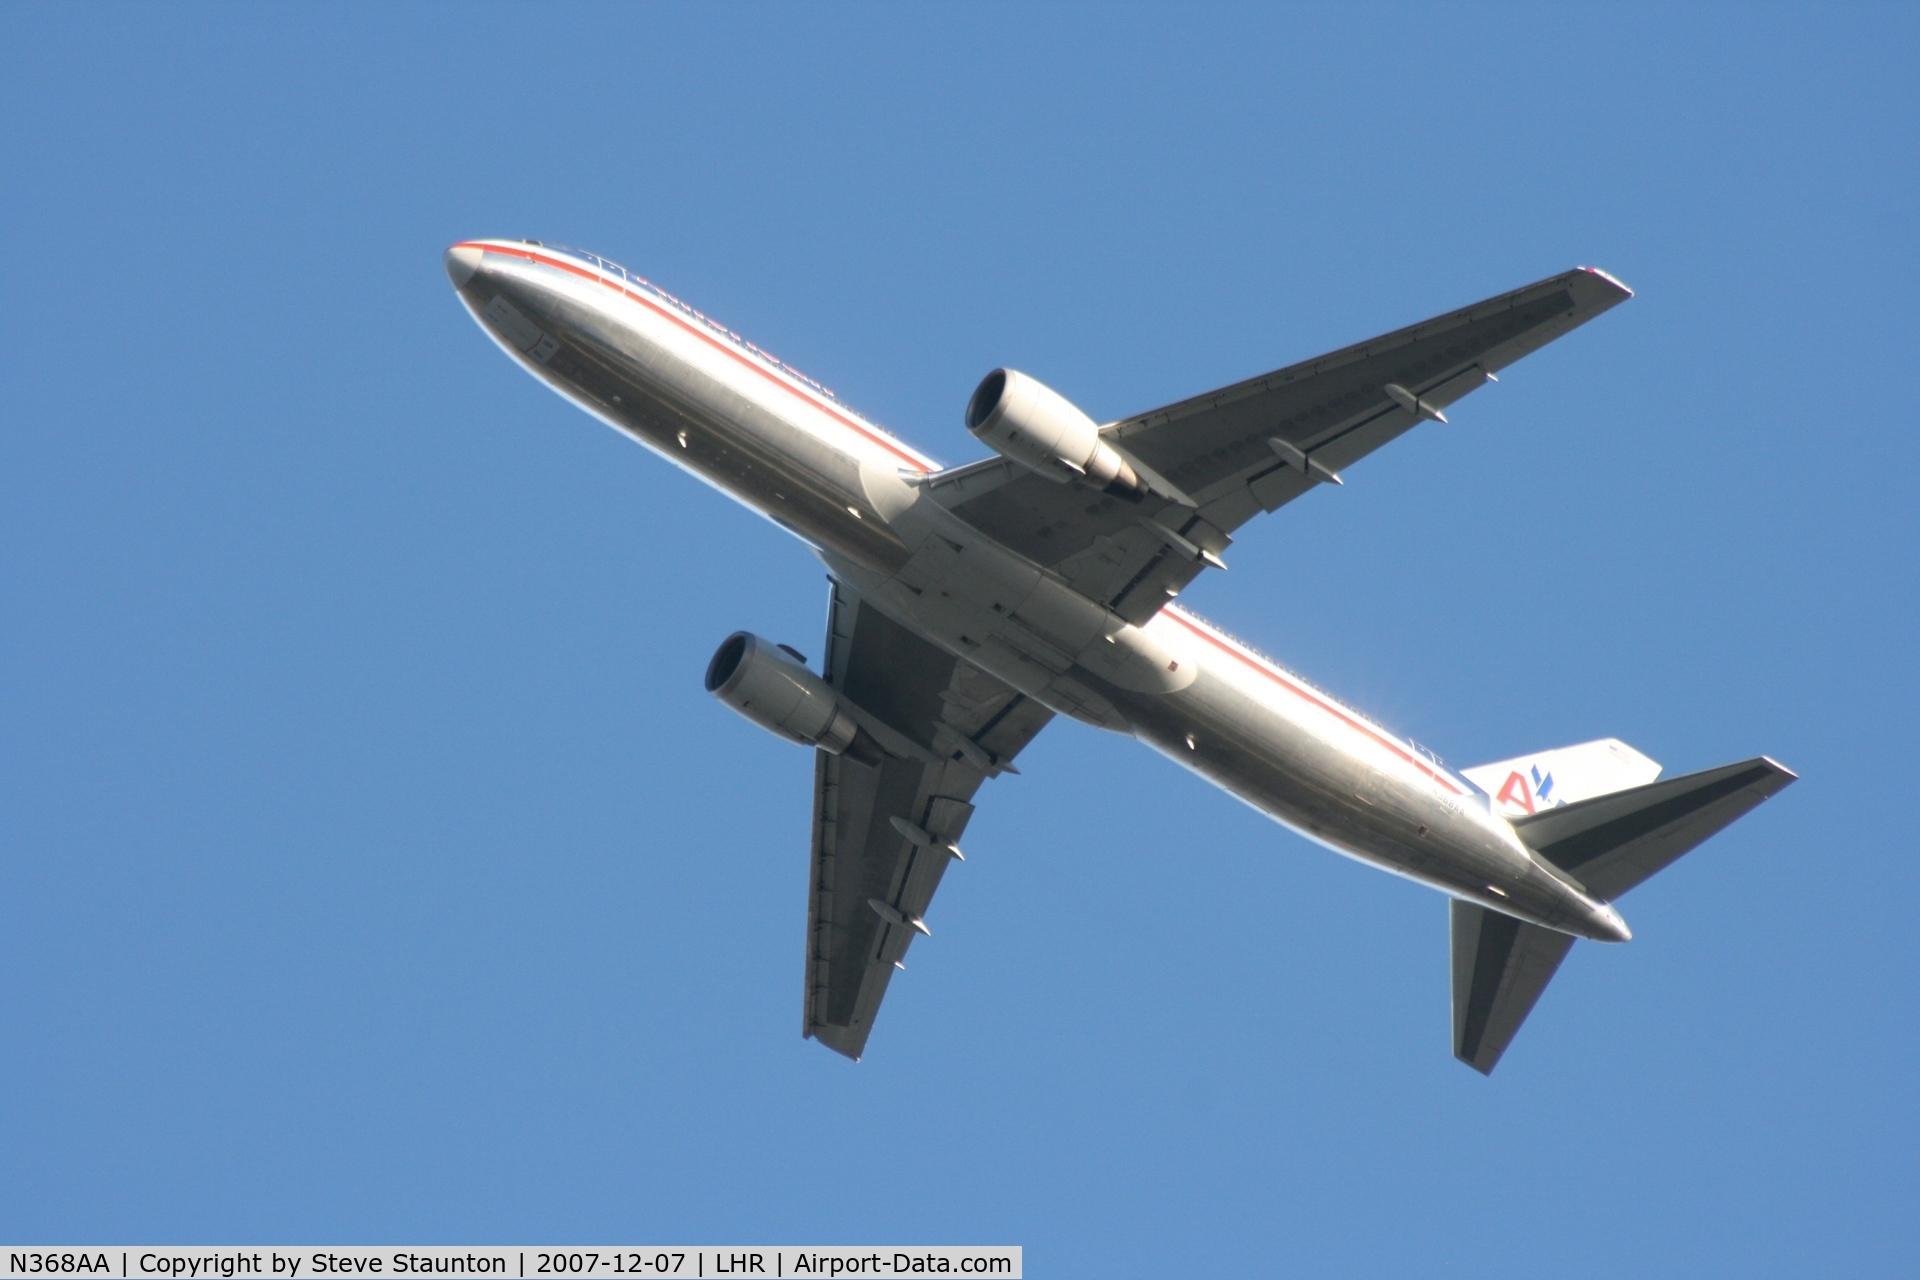 N368AA, 1991 Boeing 767-323 C/N 25195, Taken at Heathrow Airport 07 December 2007